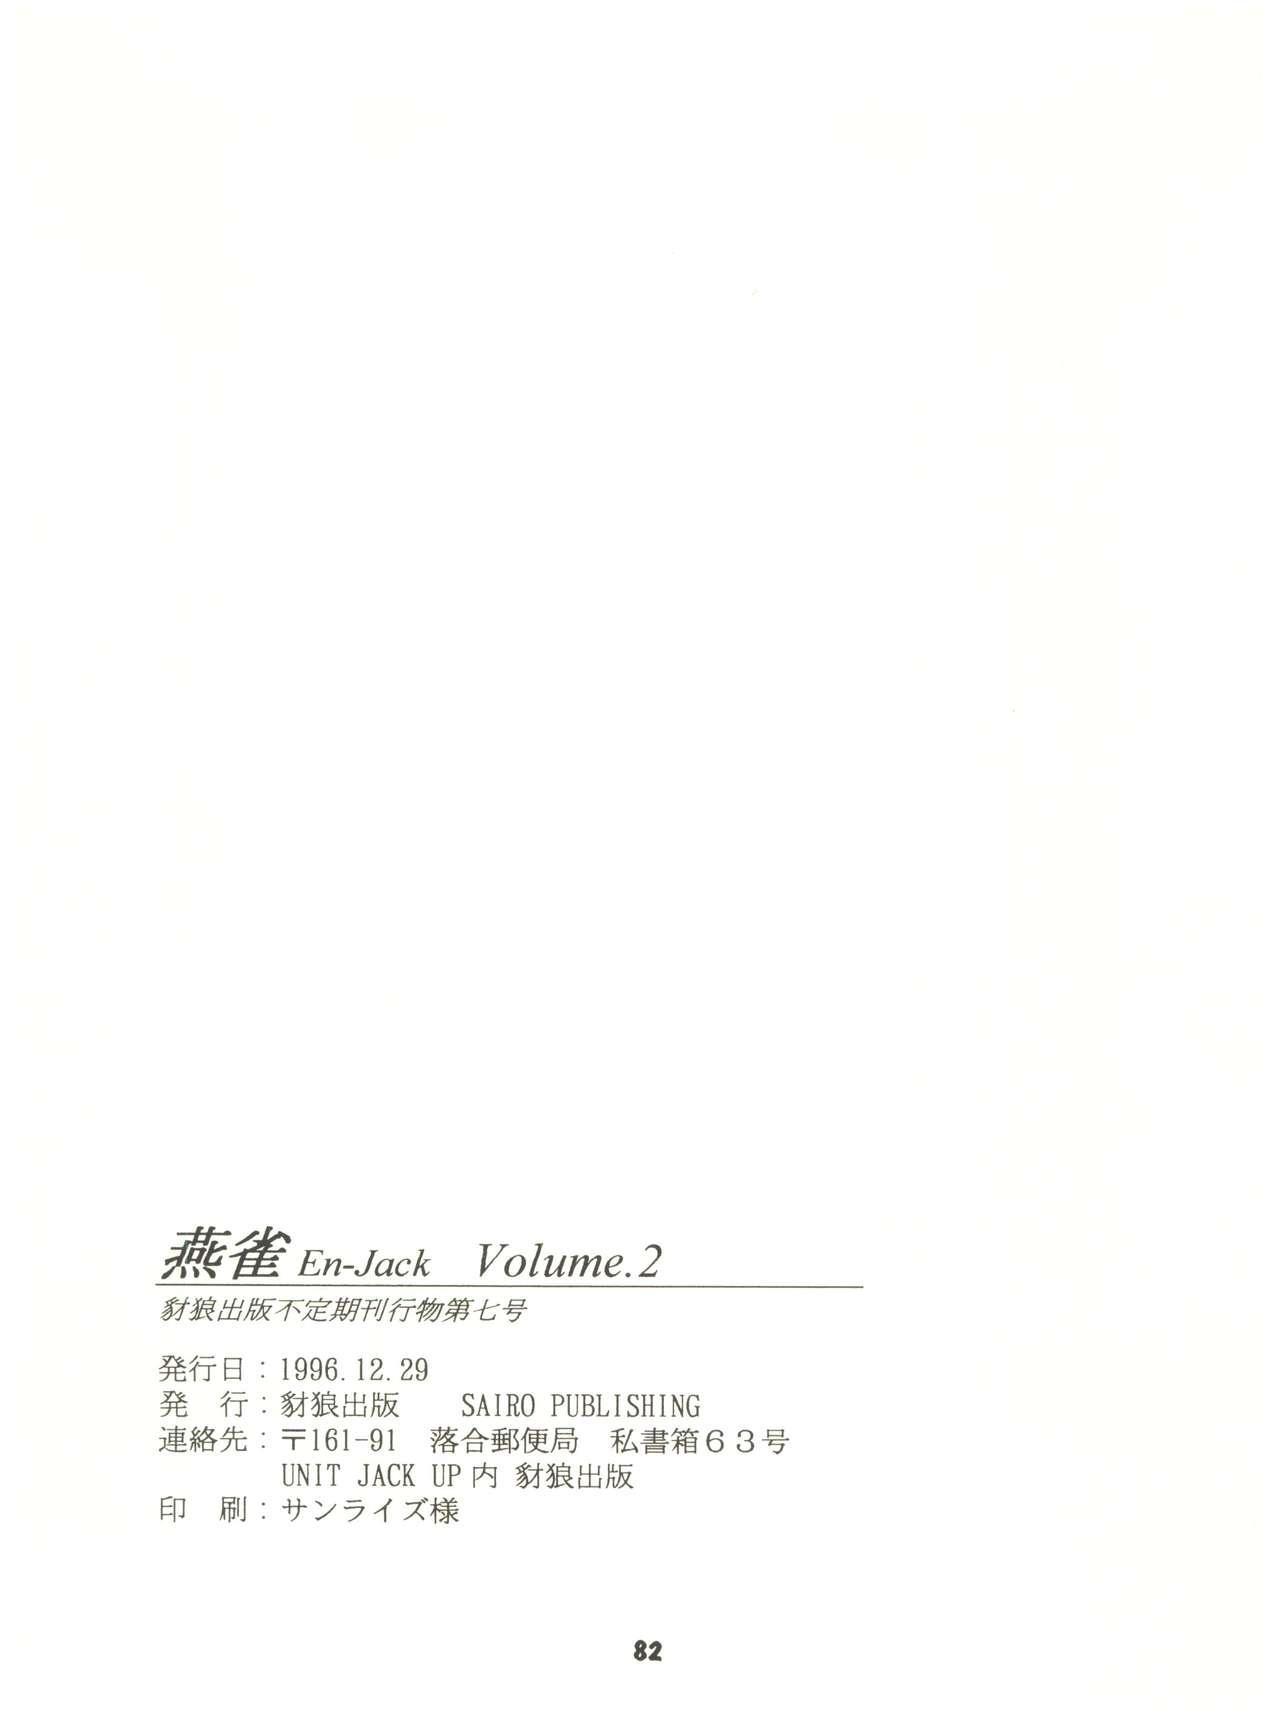 [Sairo Publishing (J. Sairo) En-Jack 2 (Various) 81